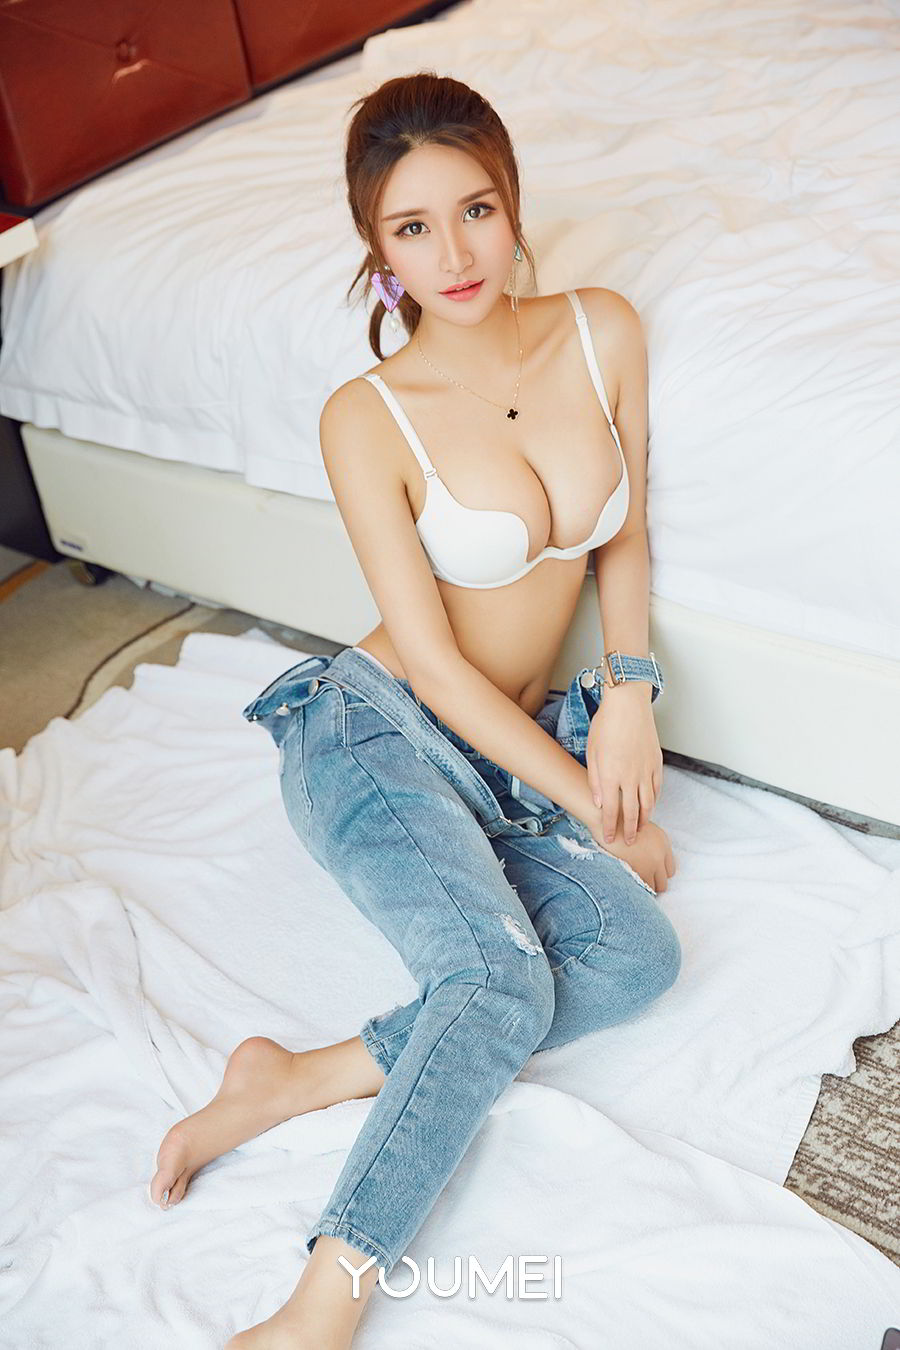 [尤美Youmei] Vol.084 Solo Yi Fei